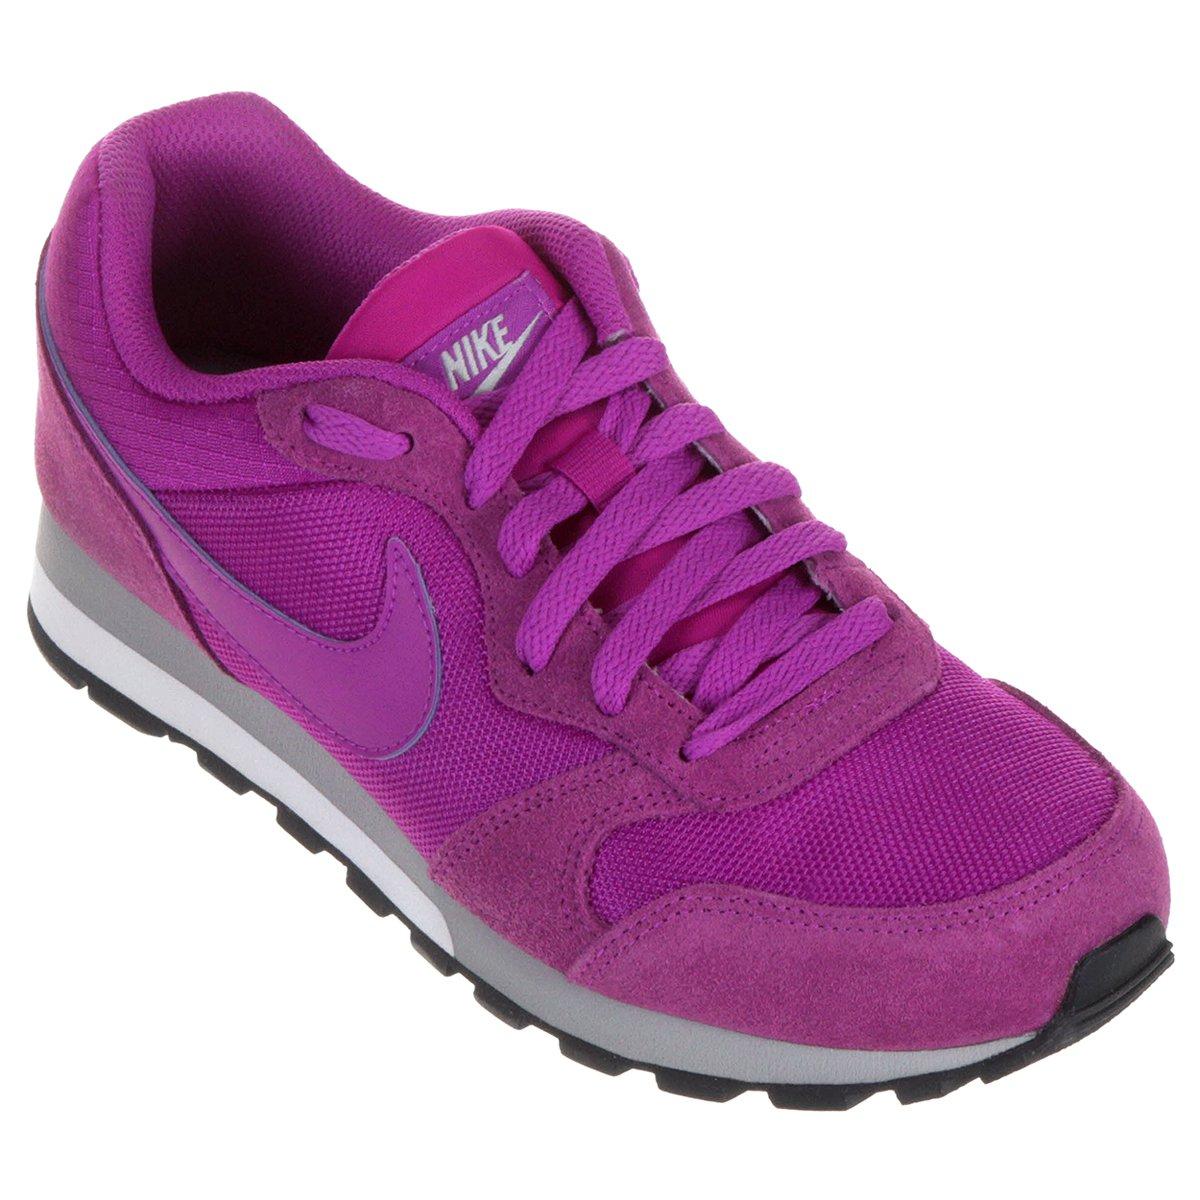 3054076325 Tênis Nike Md Runner 2 Feminino - Roxo - Compre Agora